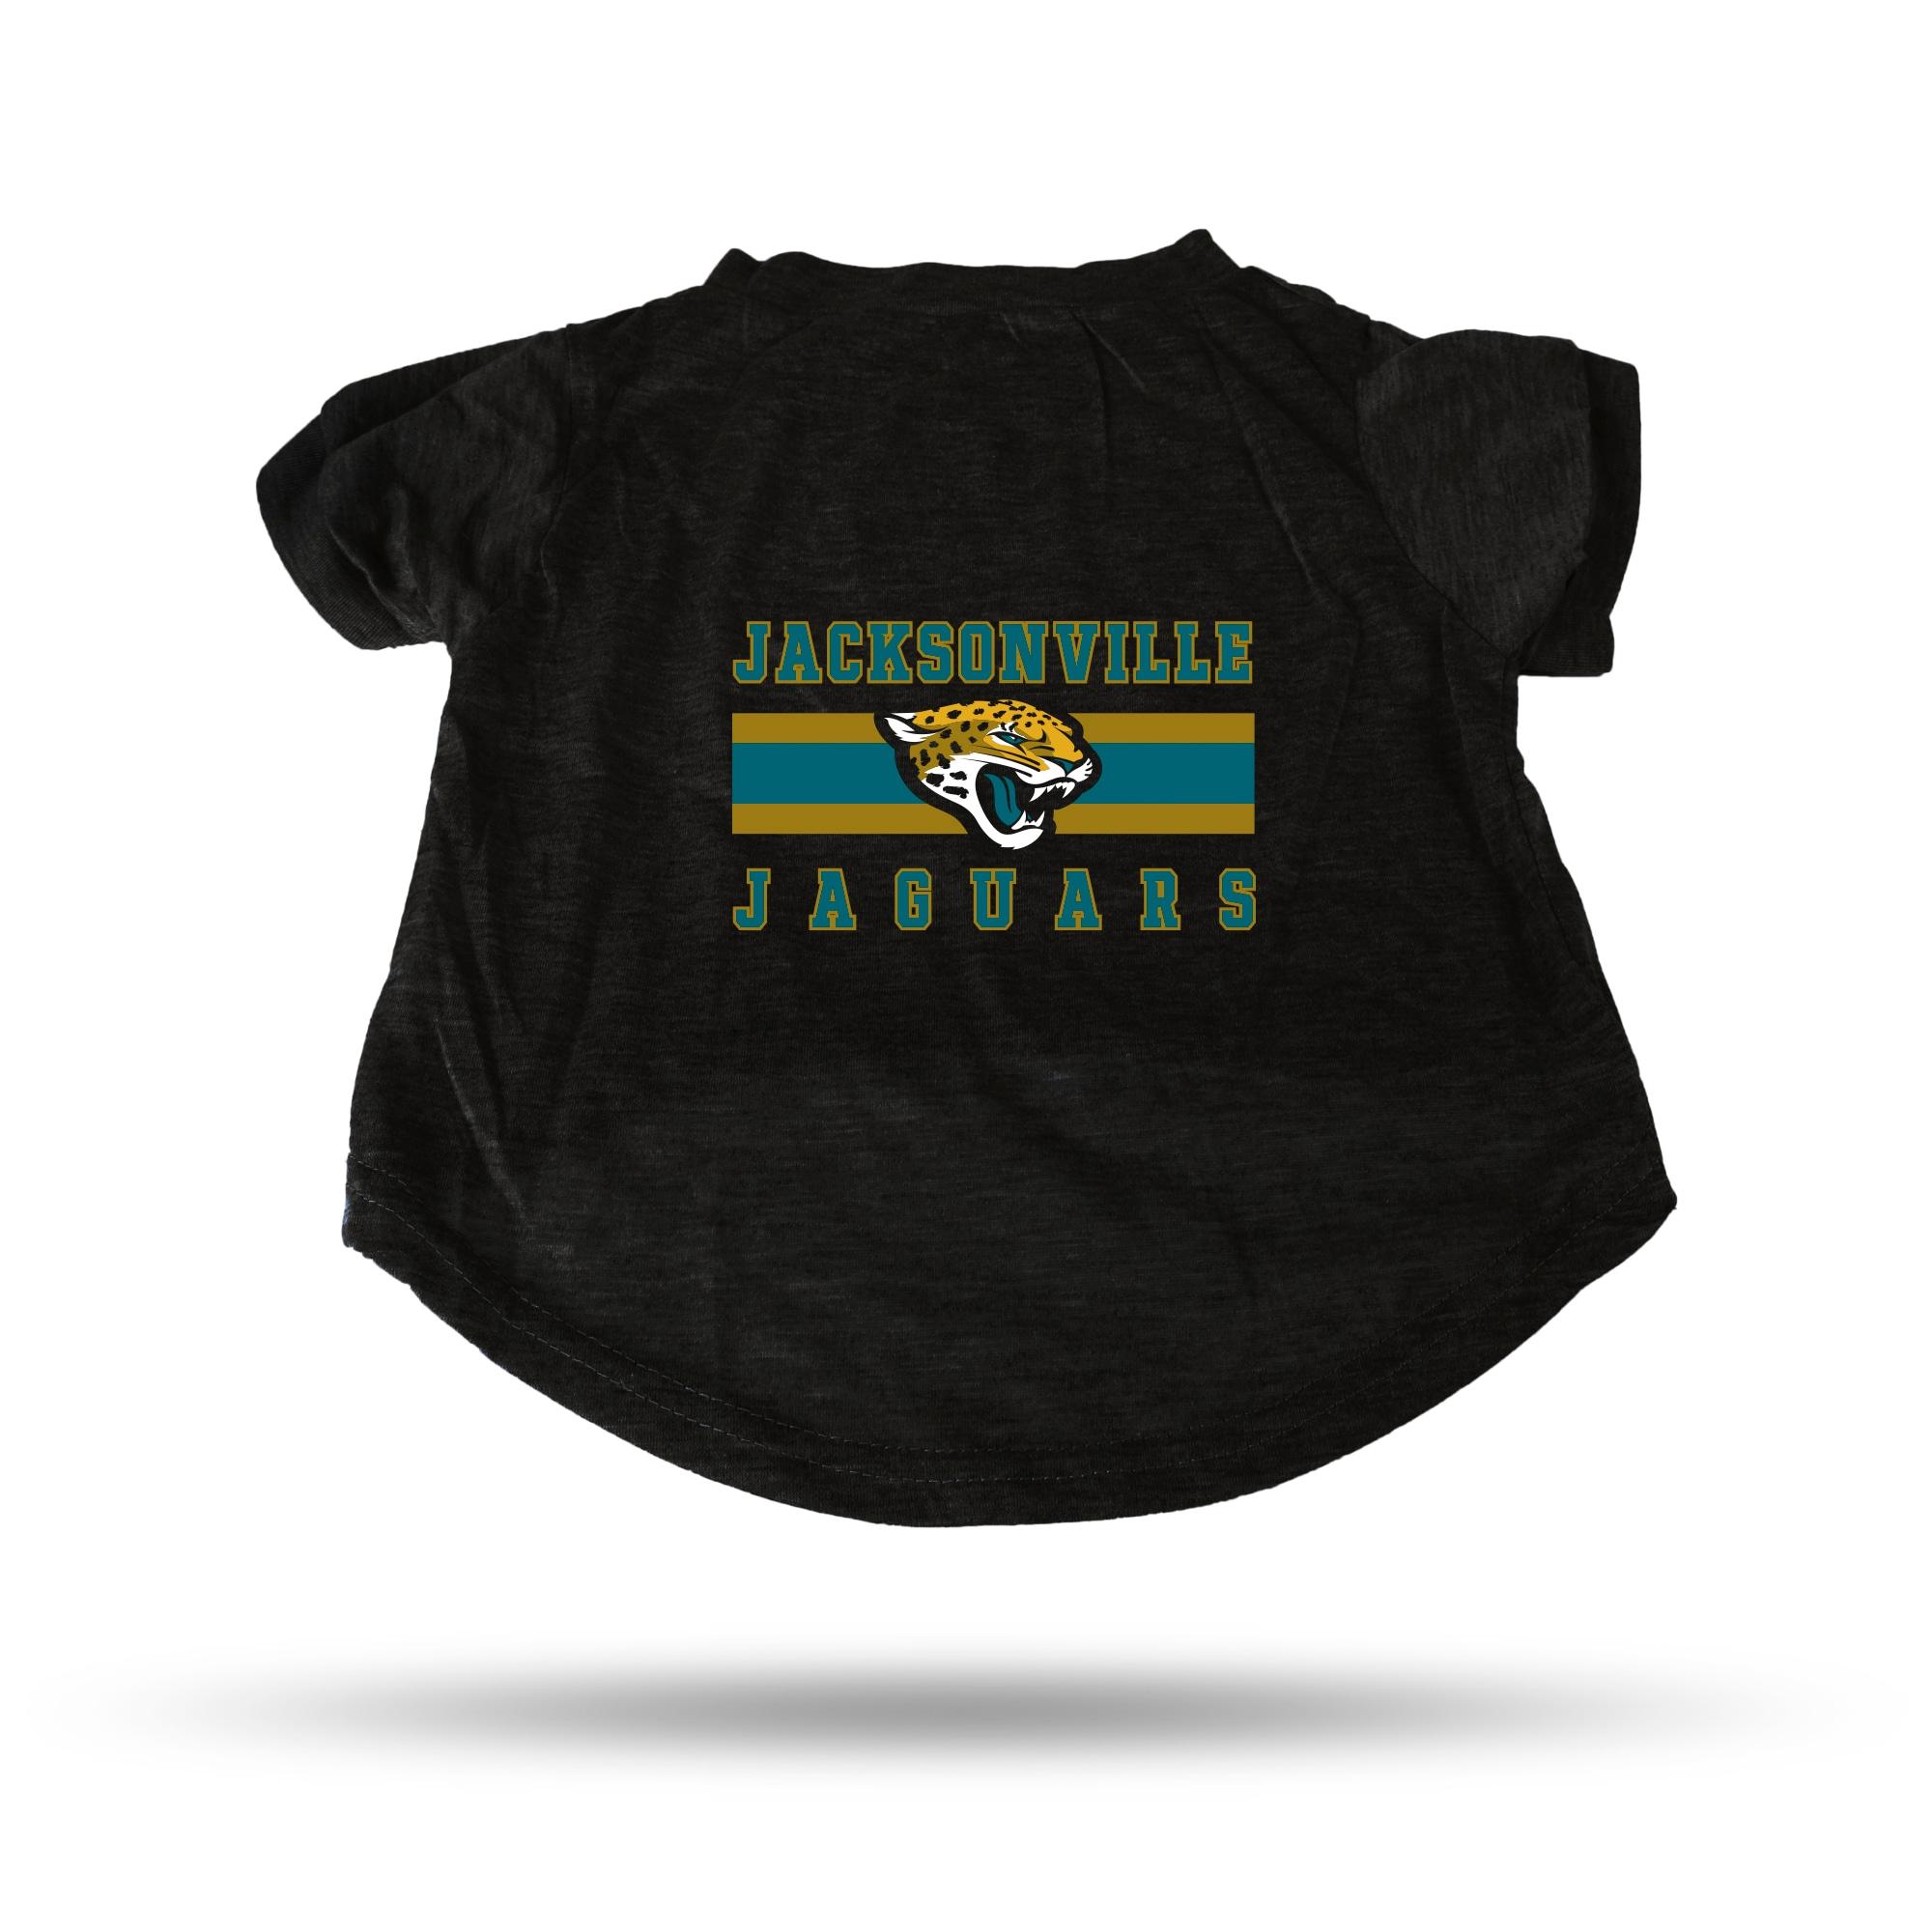 Jacksonville Jaguars Sparo Pet T-Shirt - Black